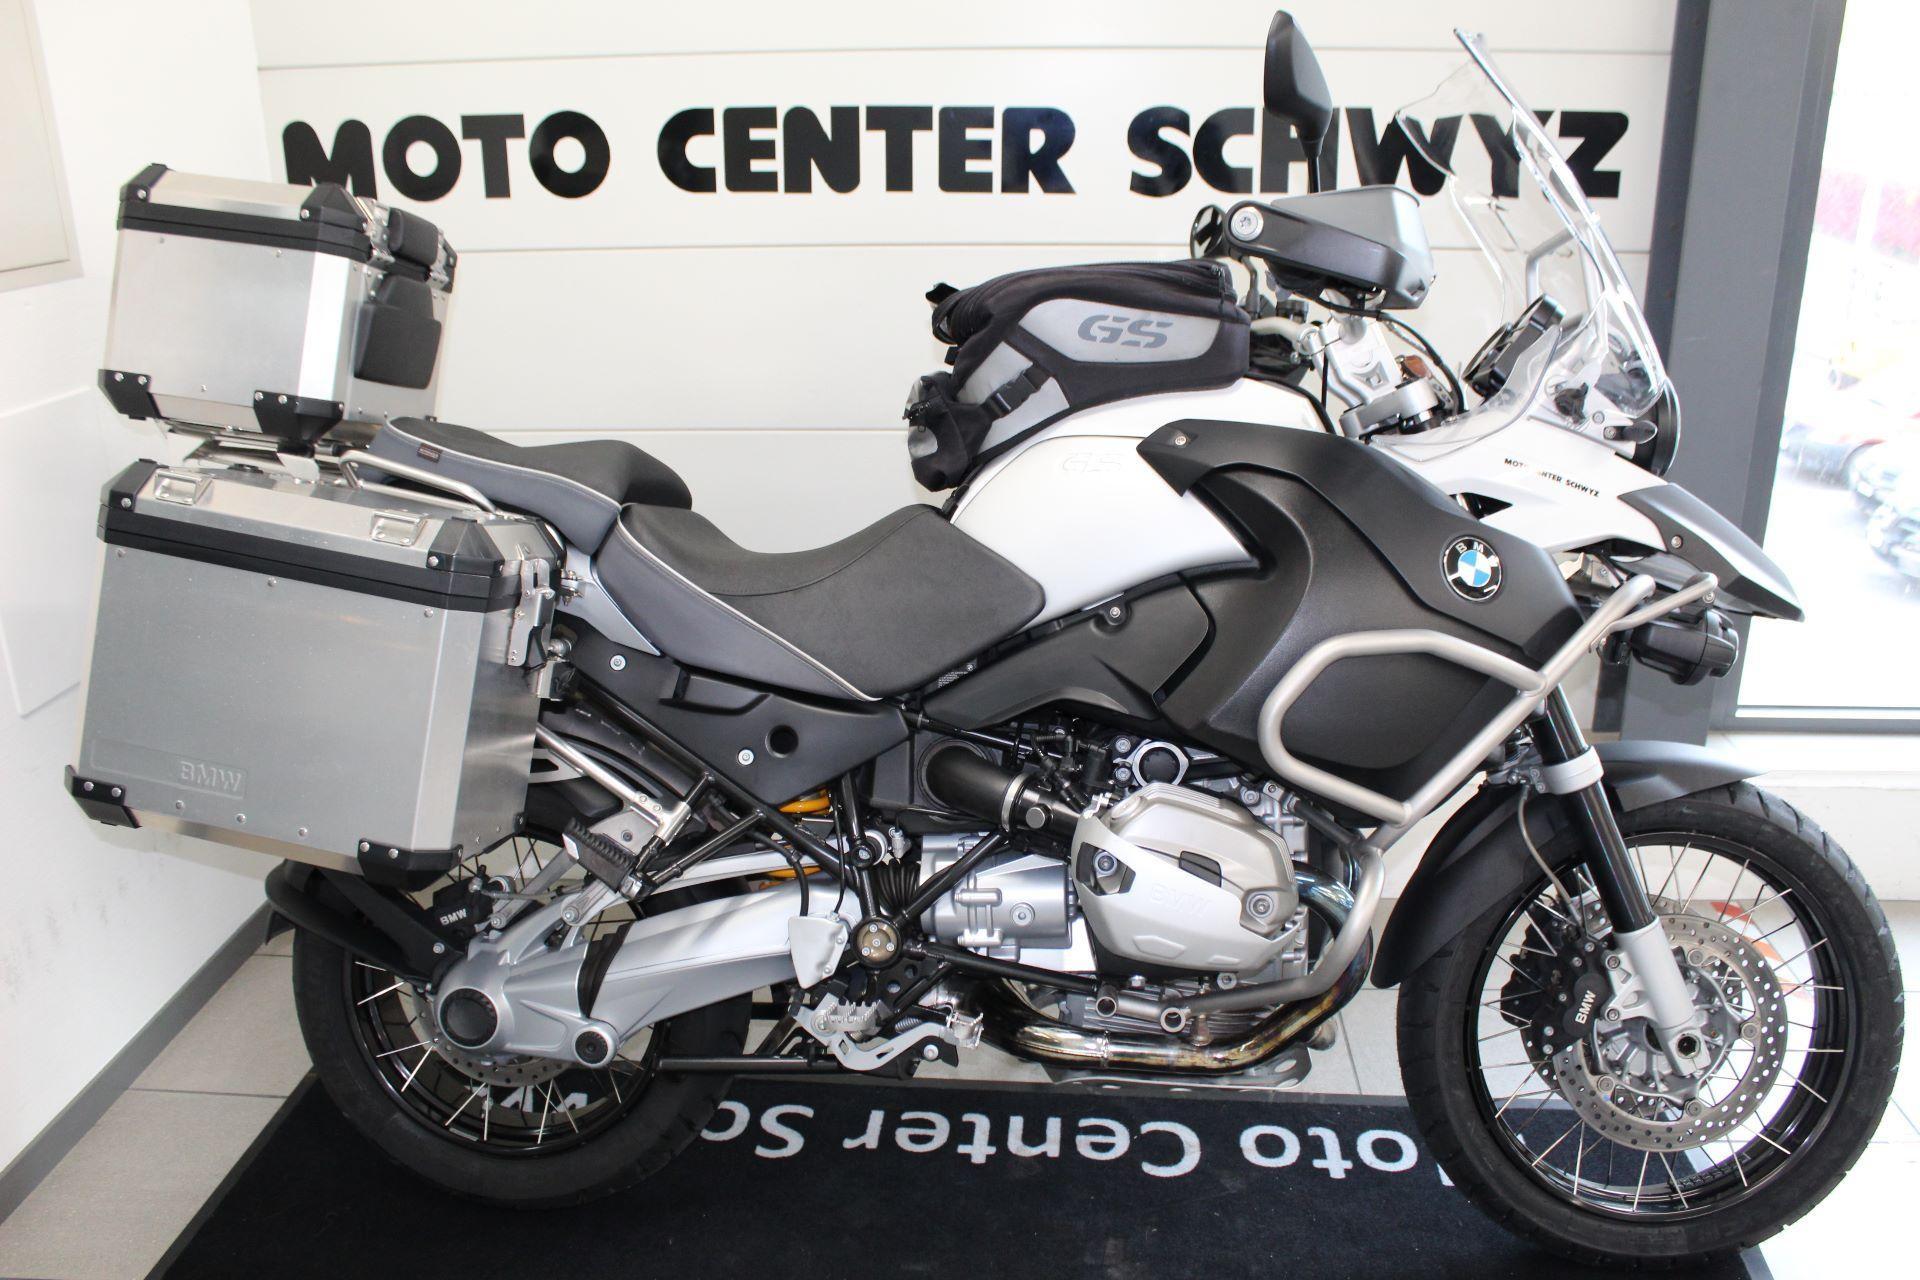 moto occasions acheter bmw r 1200 gs adventure moto center schwyz ag seewen schwyz. Black Bedroom Furniture Sets. Home Design Ideas